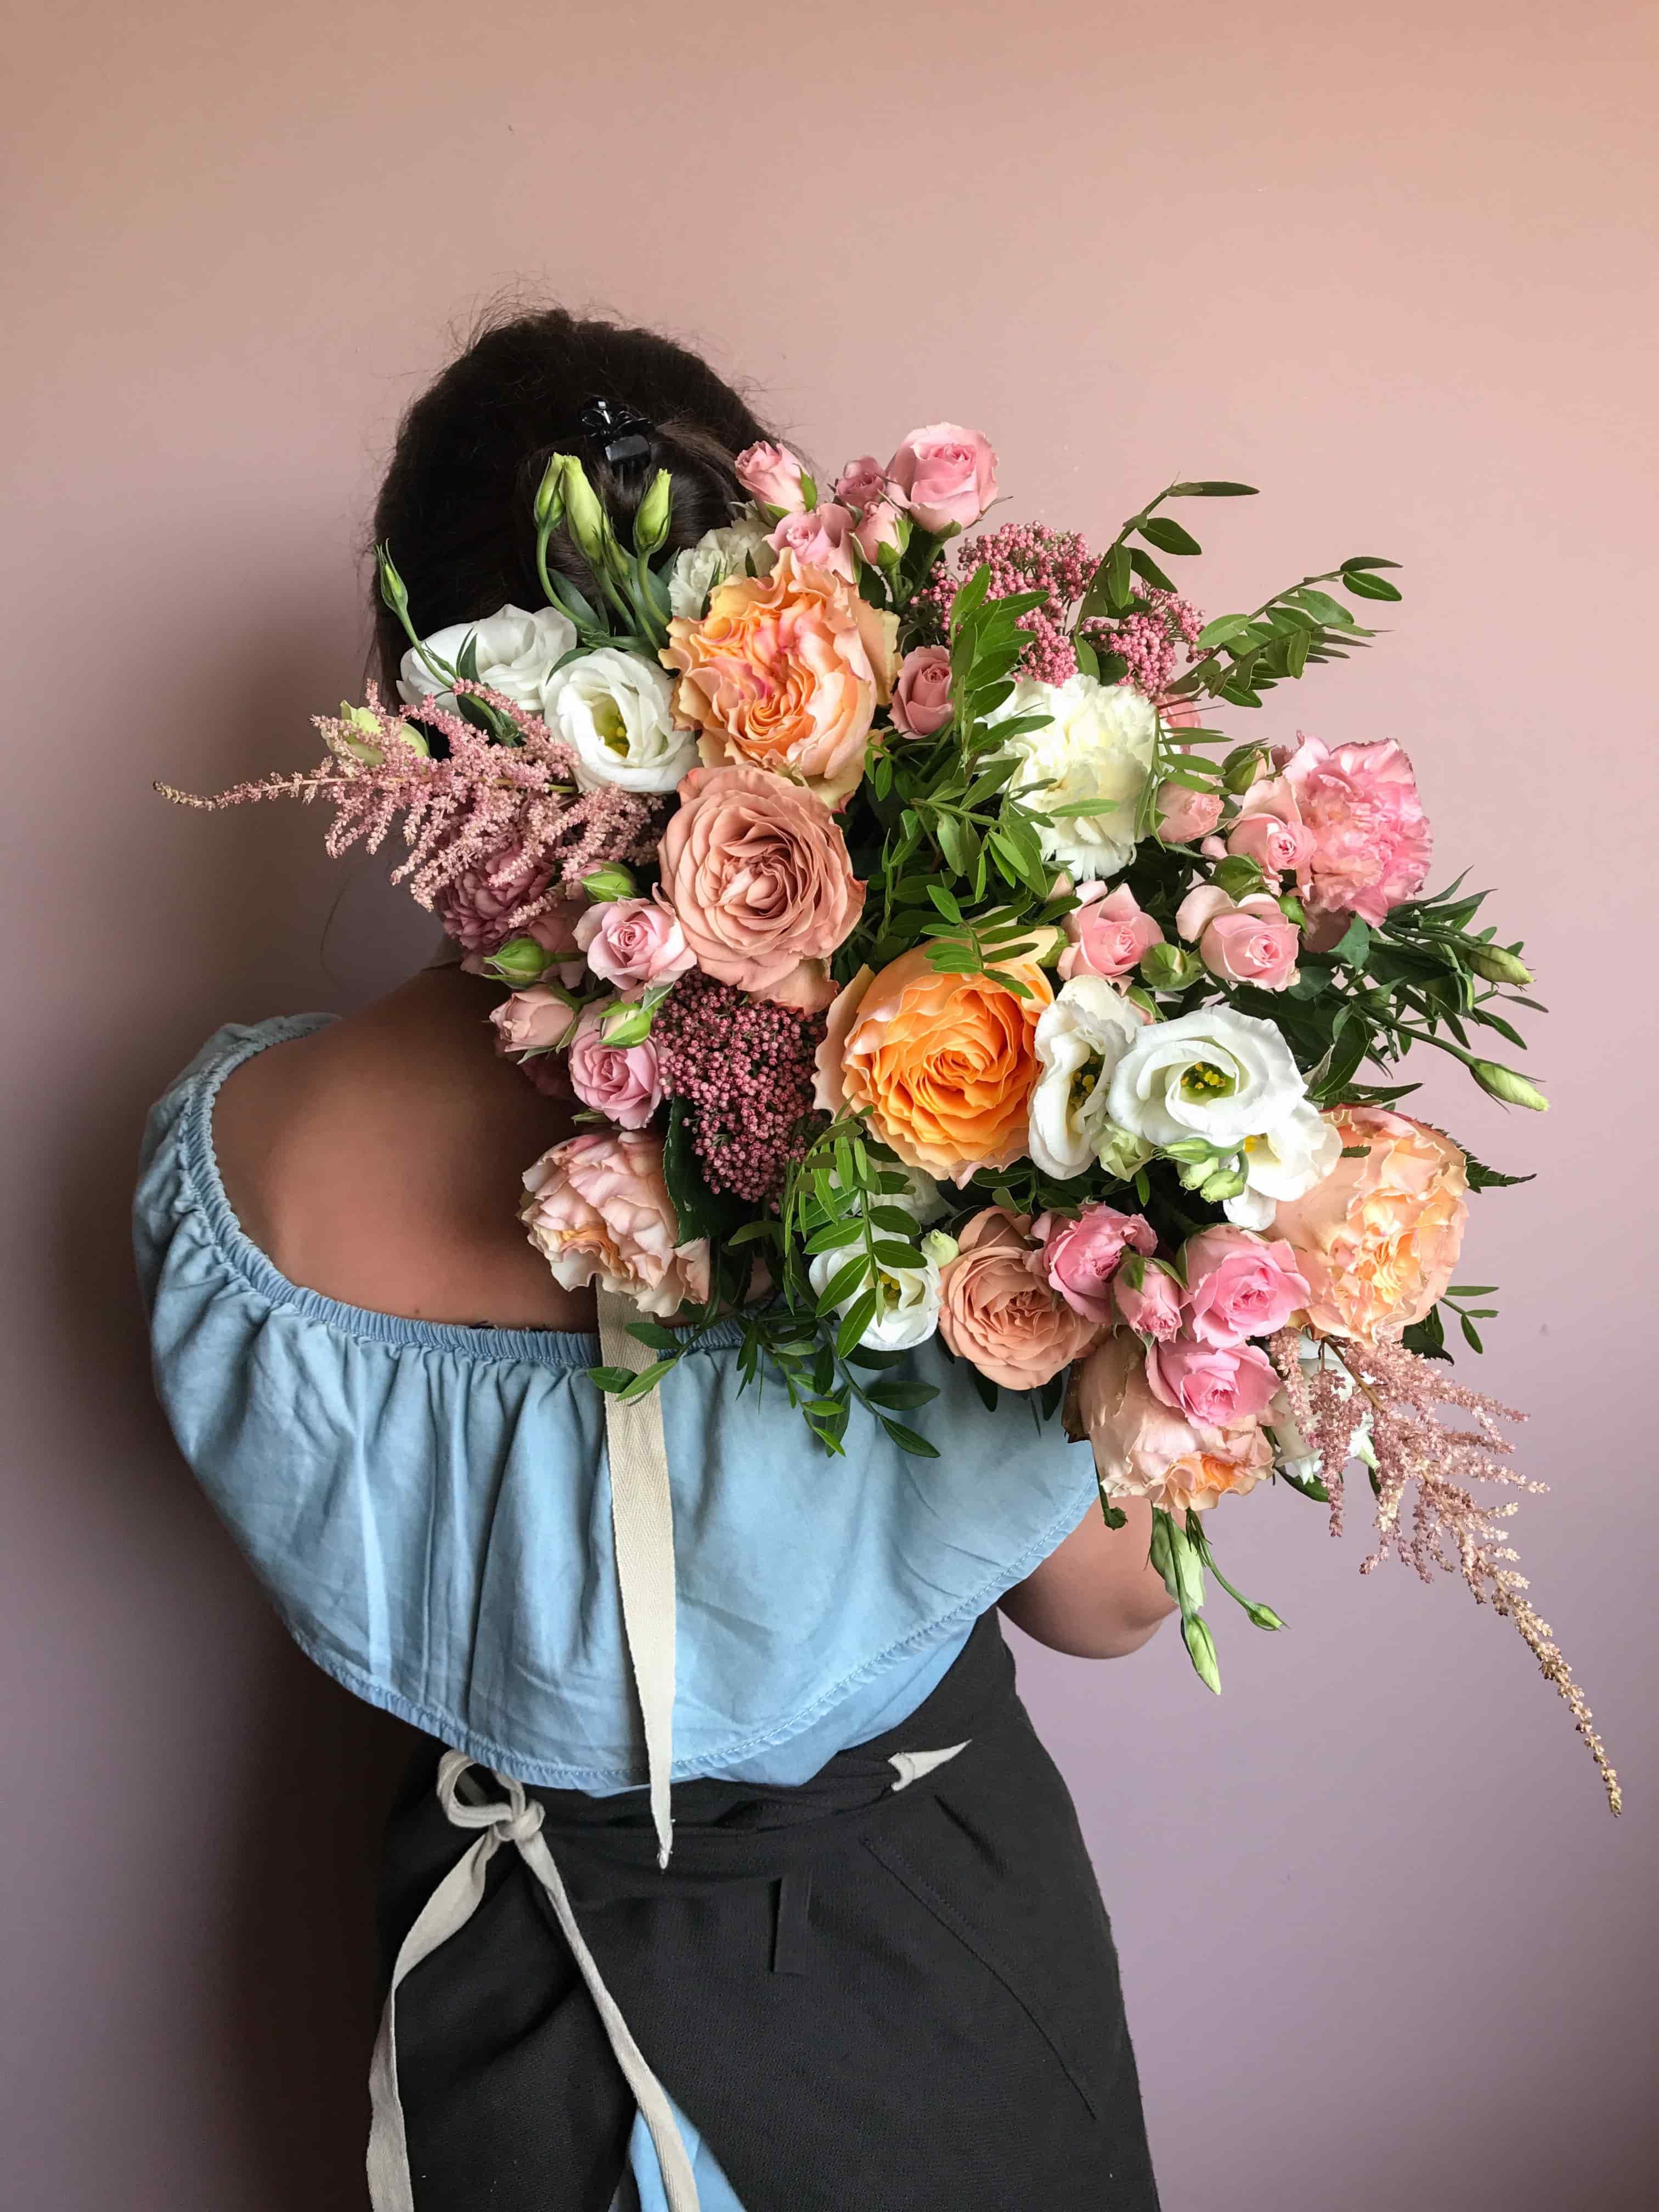 Флористической, заказать доставку цветов в минске с оплатой по интернету